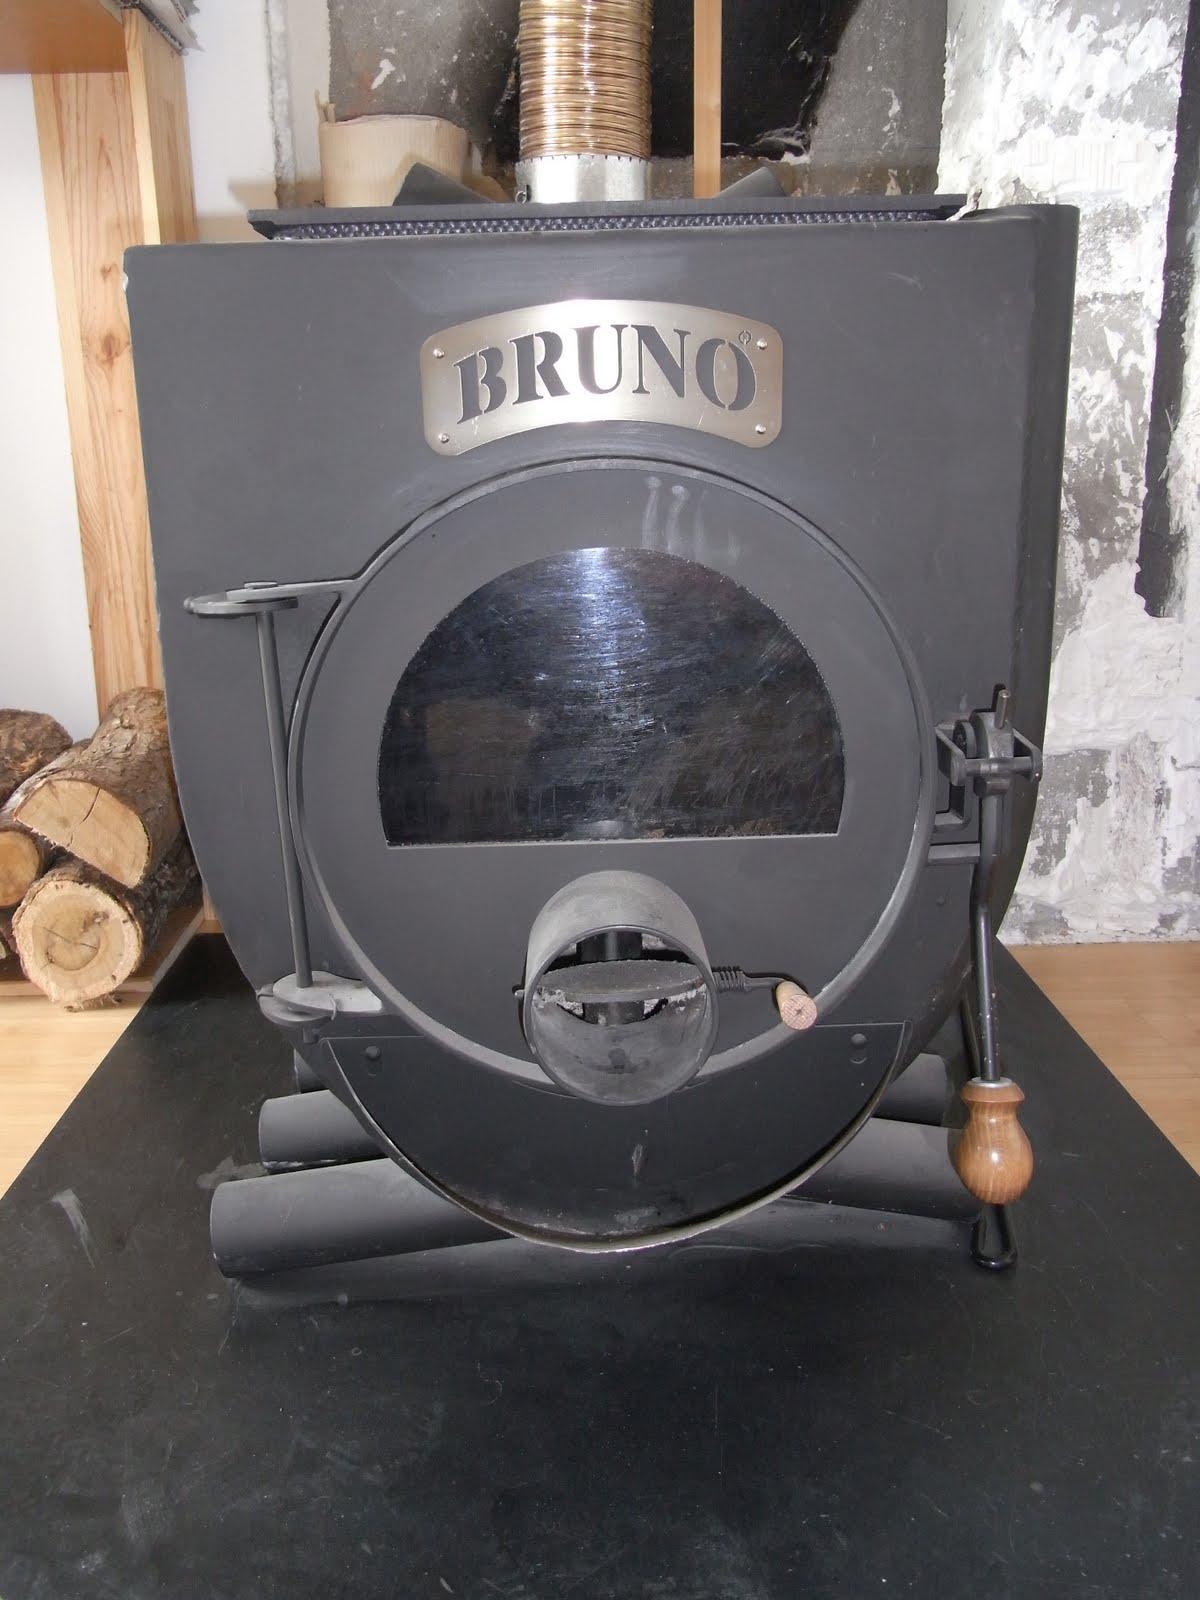 Latelier de Droverland Notre poêle à bois Bruno nous quitte